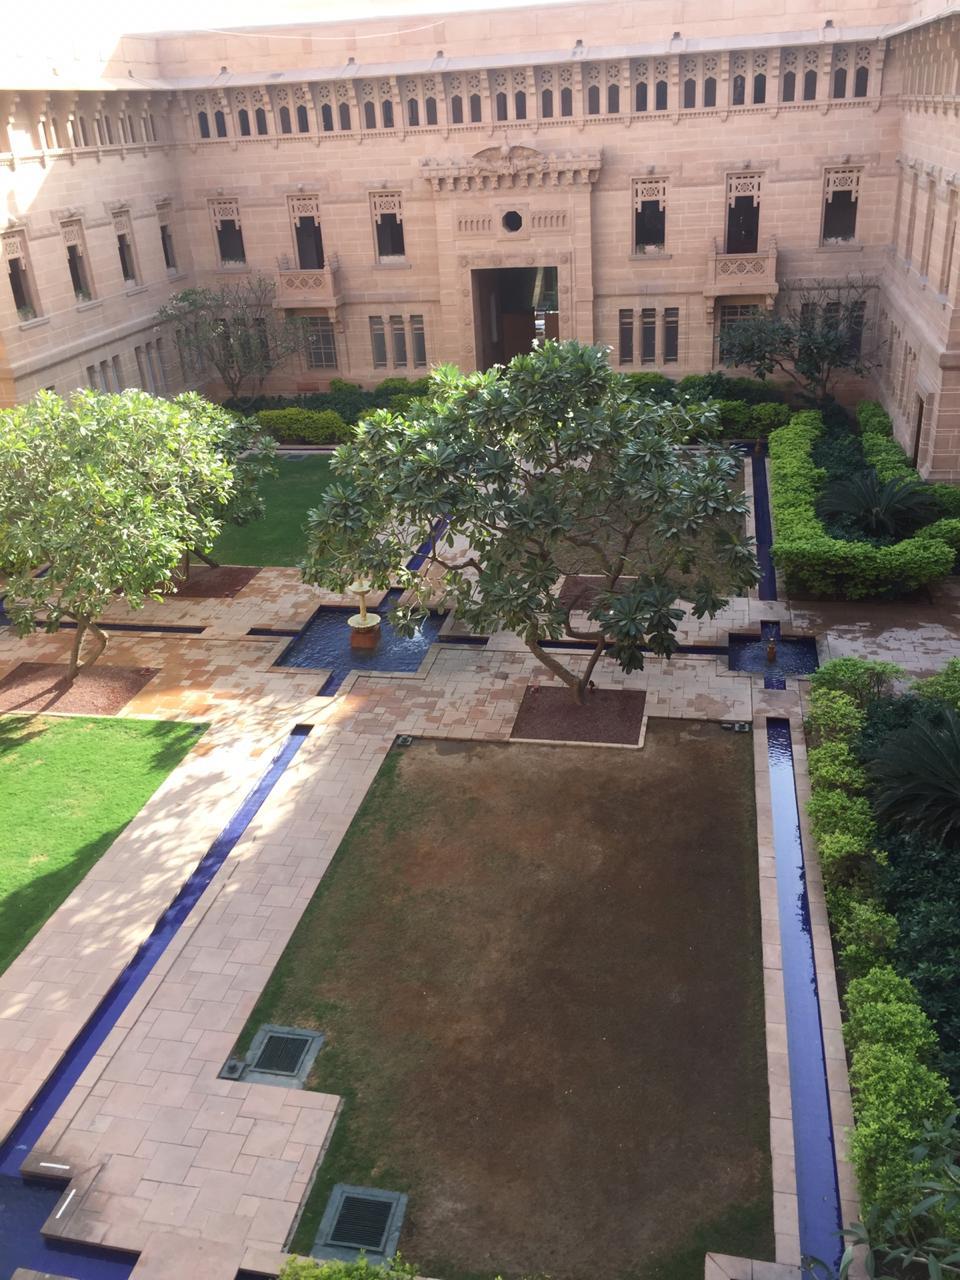 beaff459 114b 44ef a43d 8de3302b08a4 - Taj Umaid Bhawan Palace